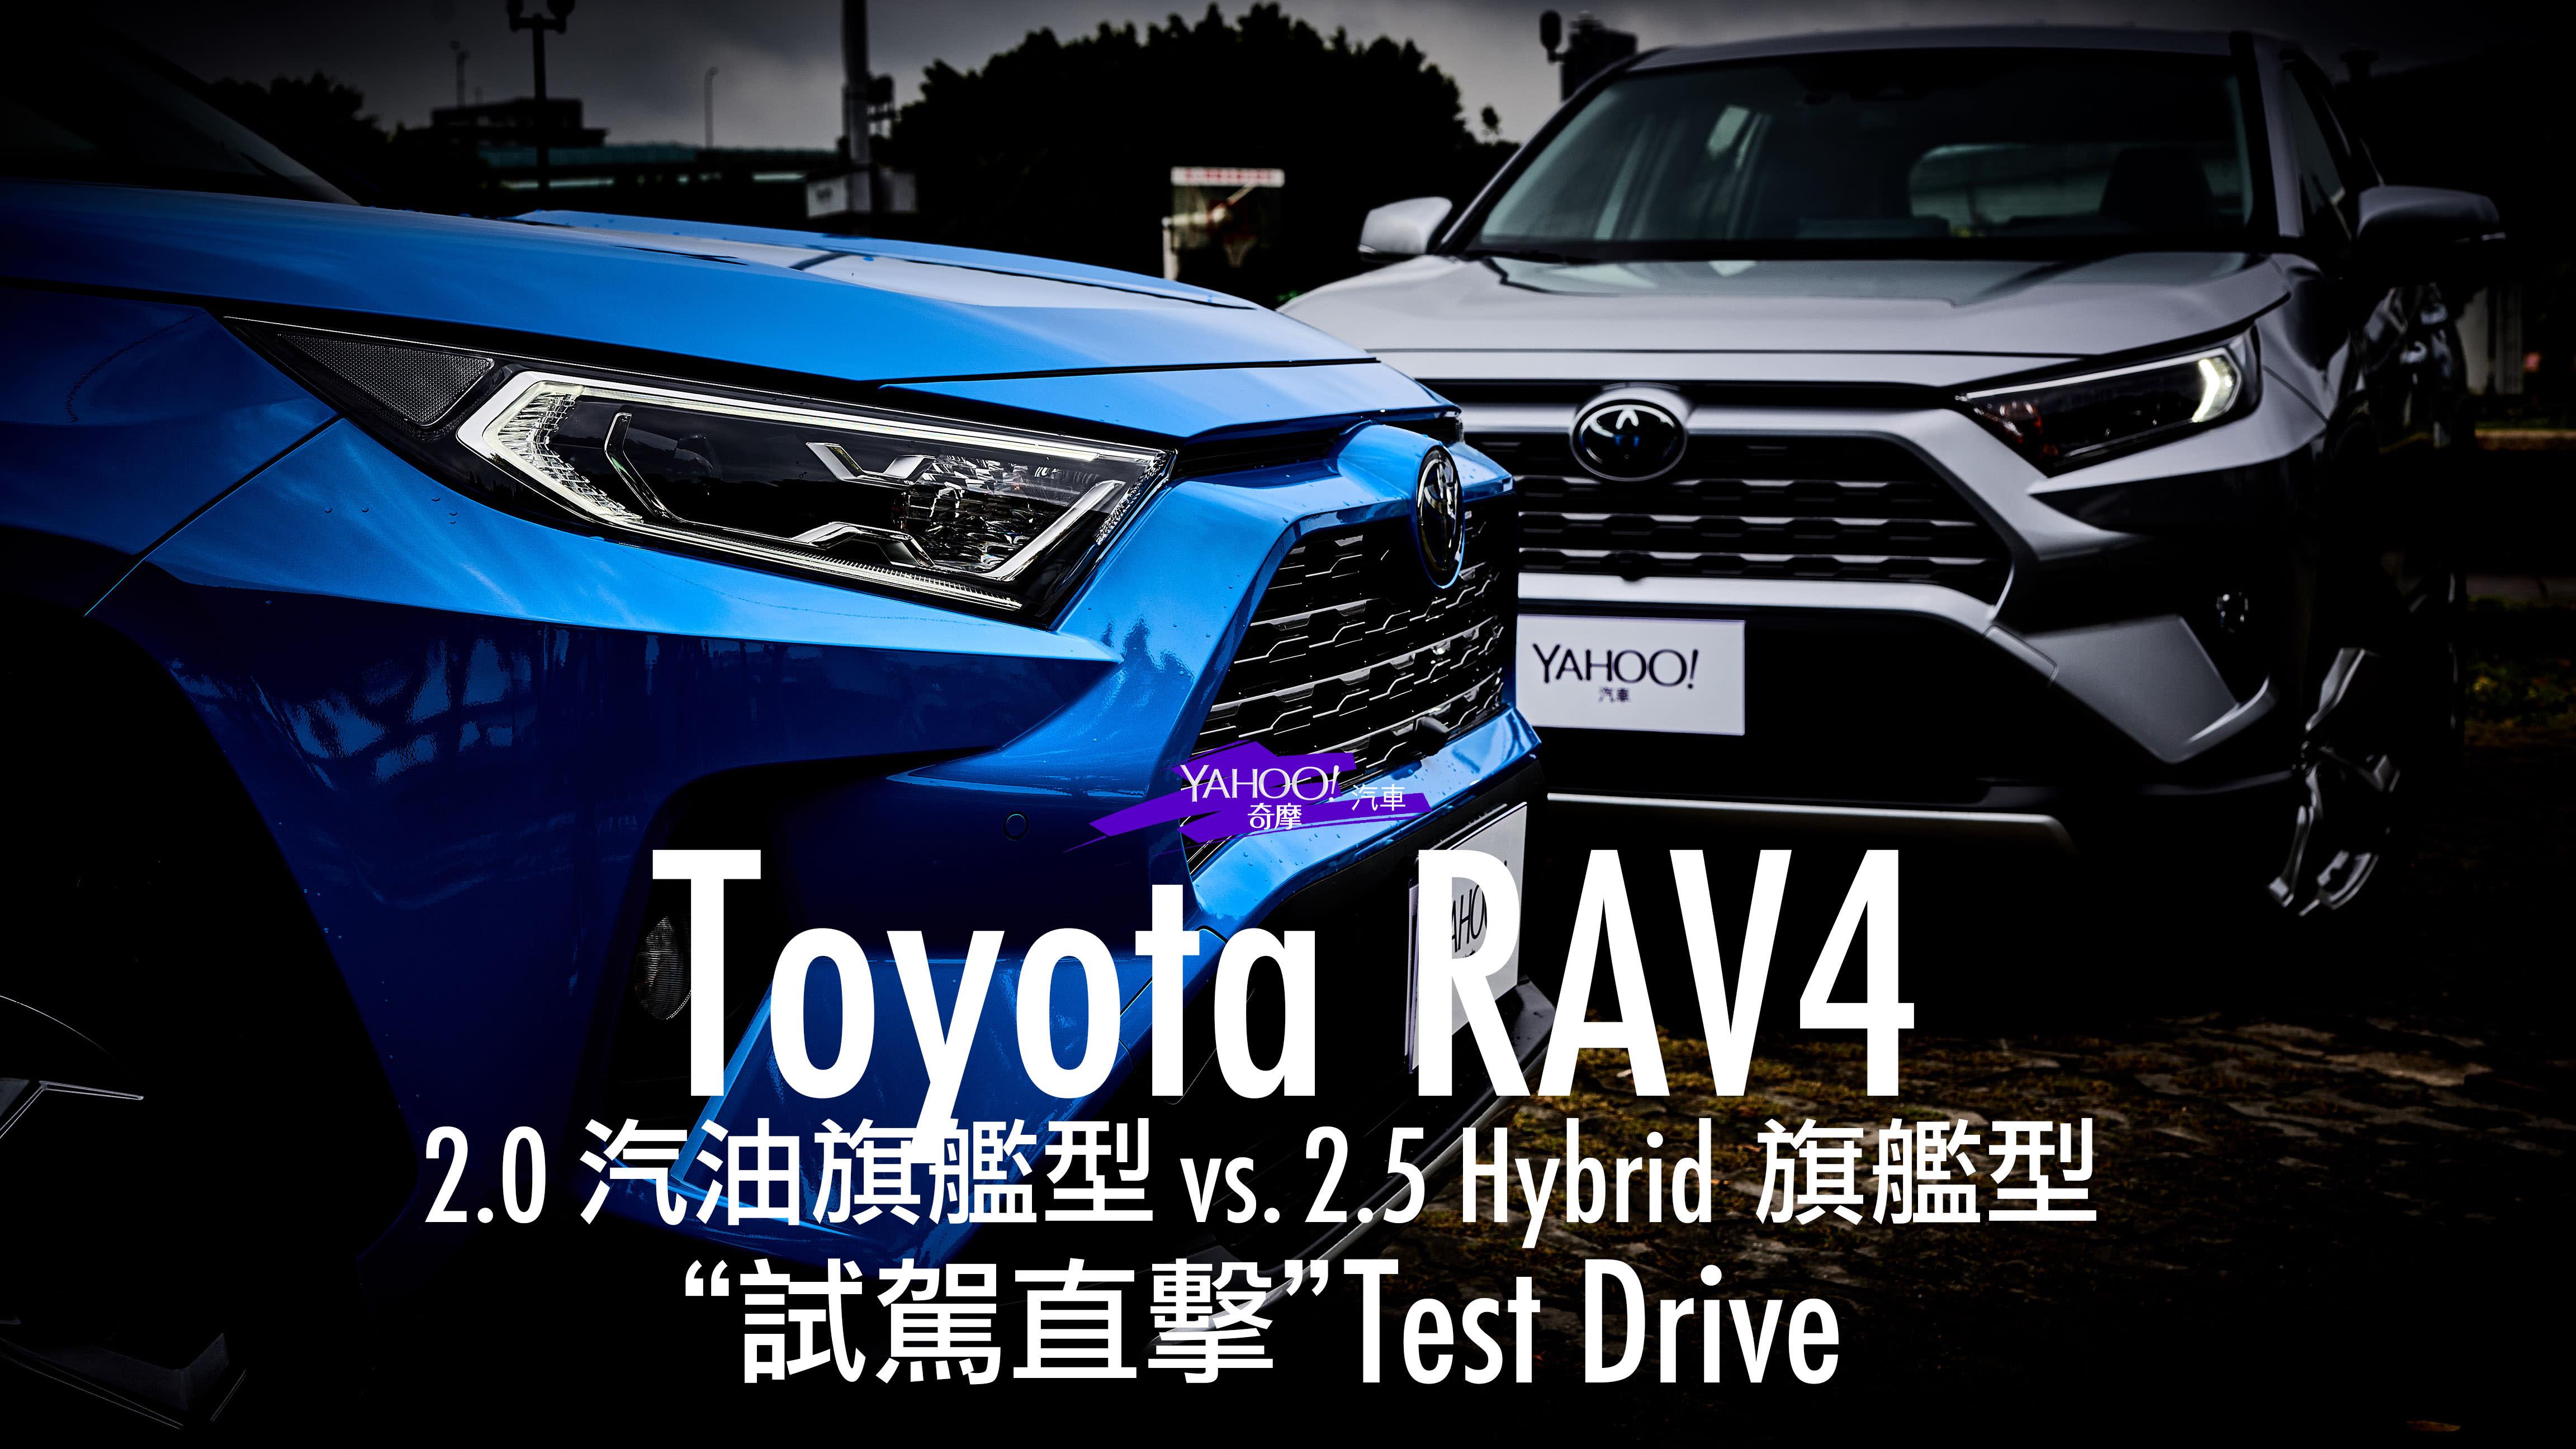 【試駕直擊】華麗對決!2019 Toyota第5代RAV4 2.5 Hybrid / 2.0汽油旗艦型聯袂試駕